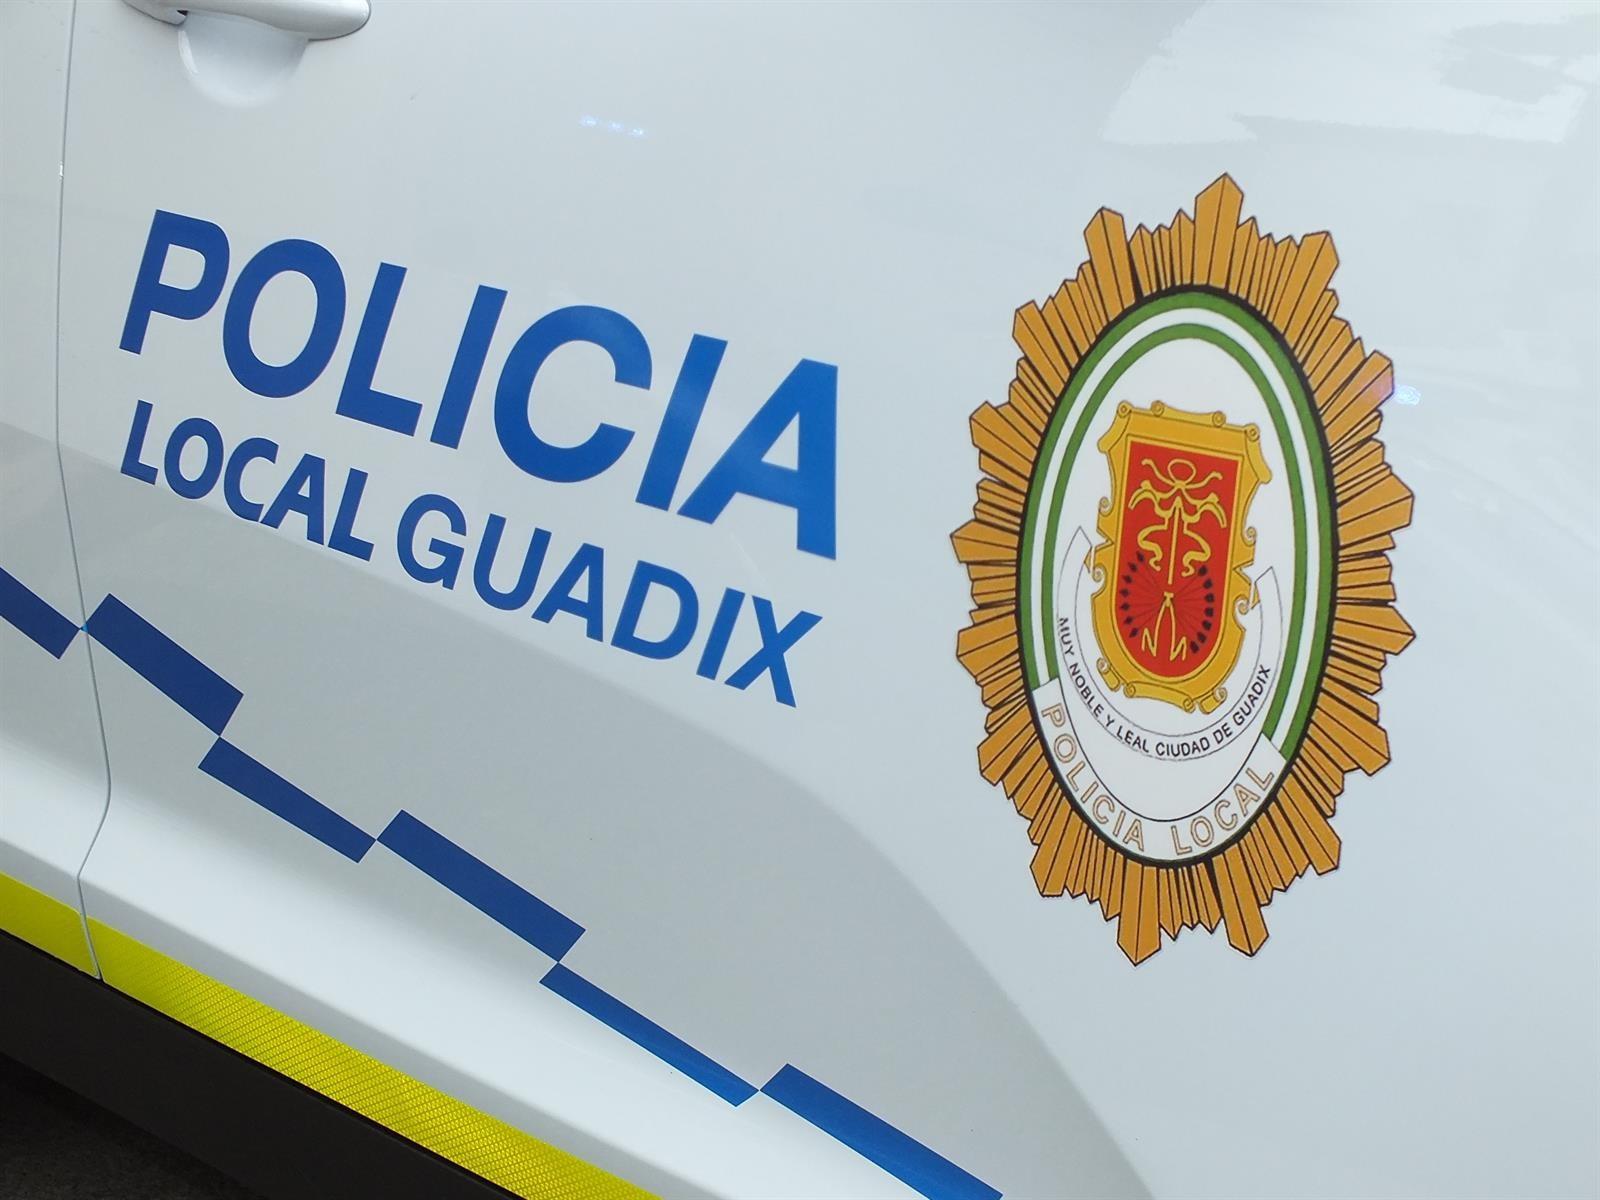 Detenido en Guadix tras unas supuestas amenazas a una menor con un cuchillo de grandes dimensiones